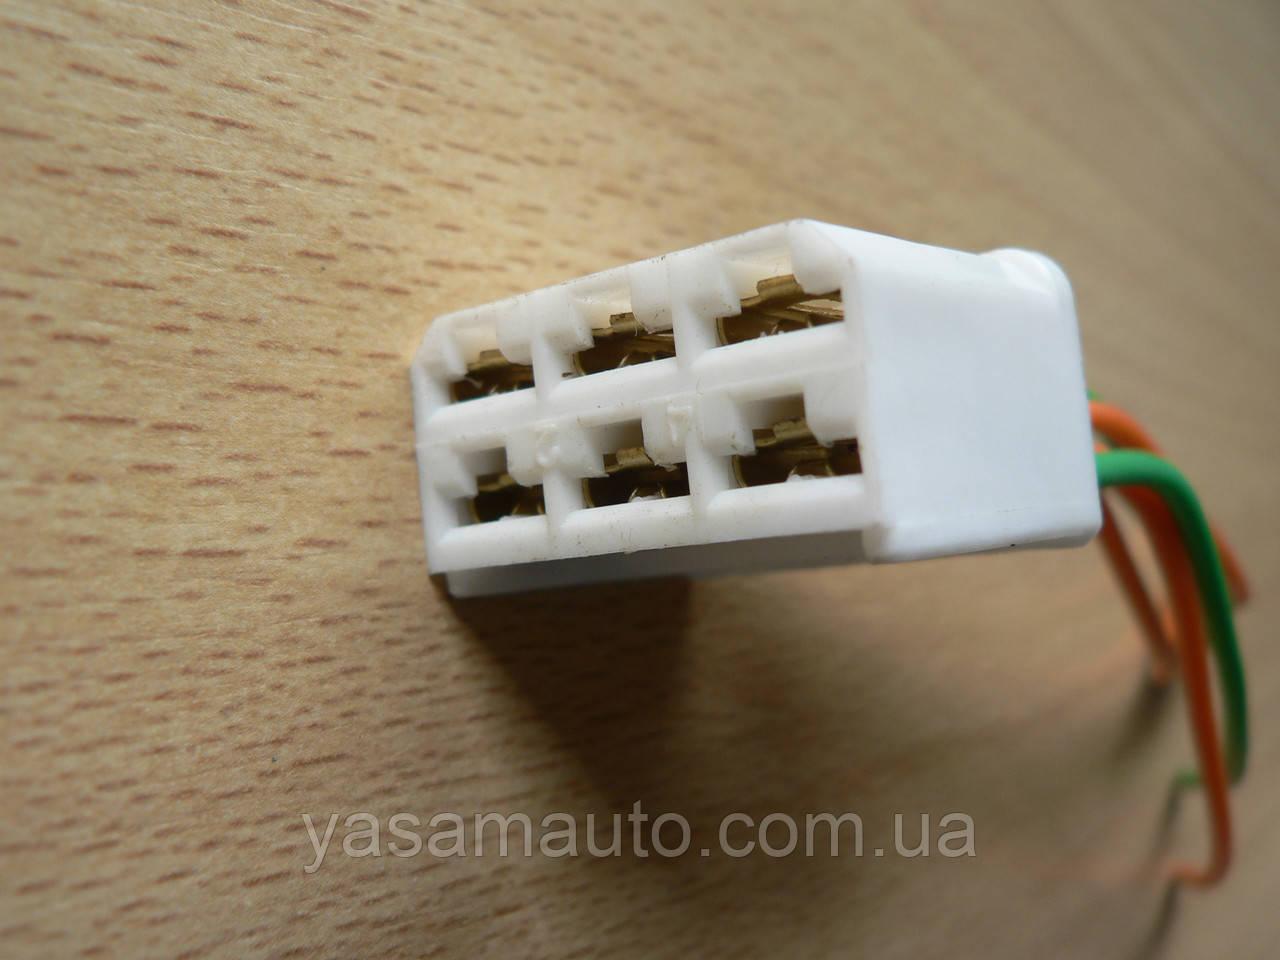 Колодка Фишка разъем проводки универсальная на 6 контактов мама розетка с проводами два цвета 100мм пара К06